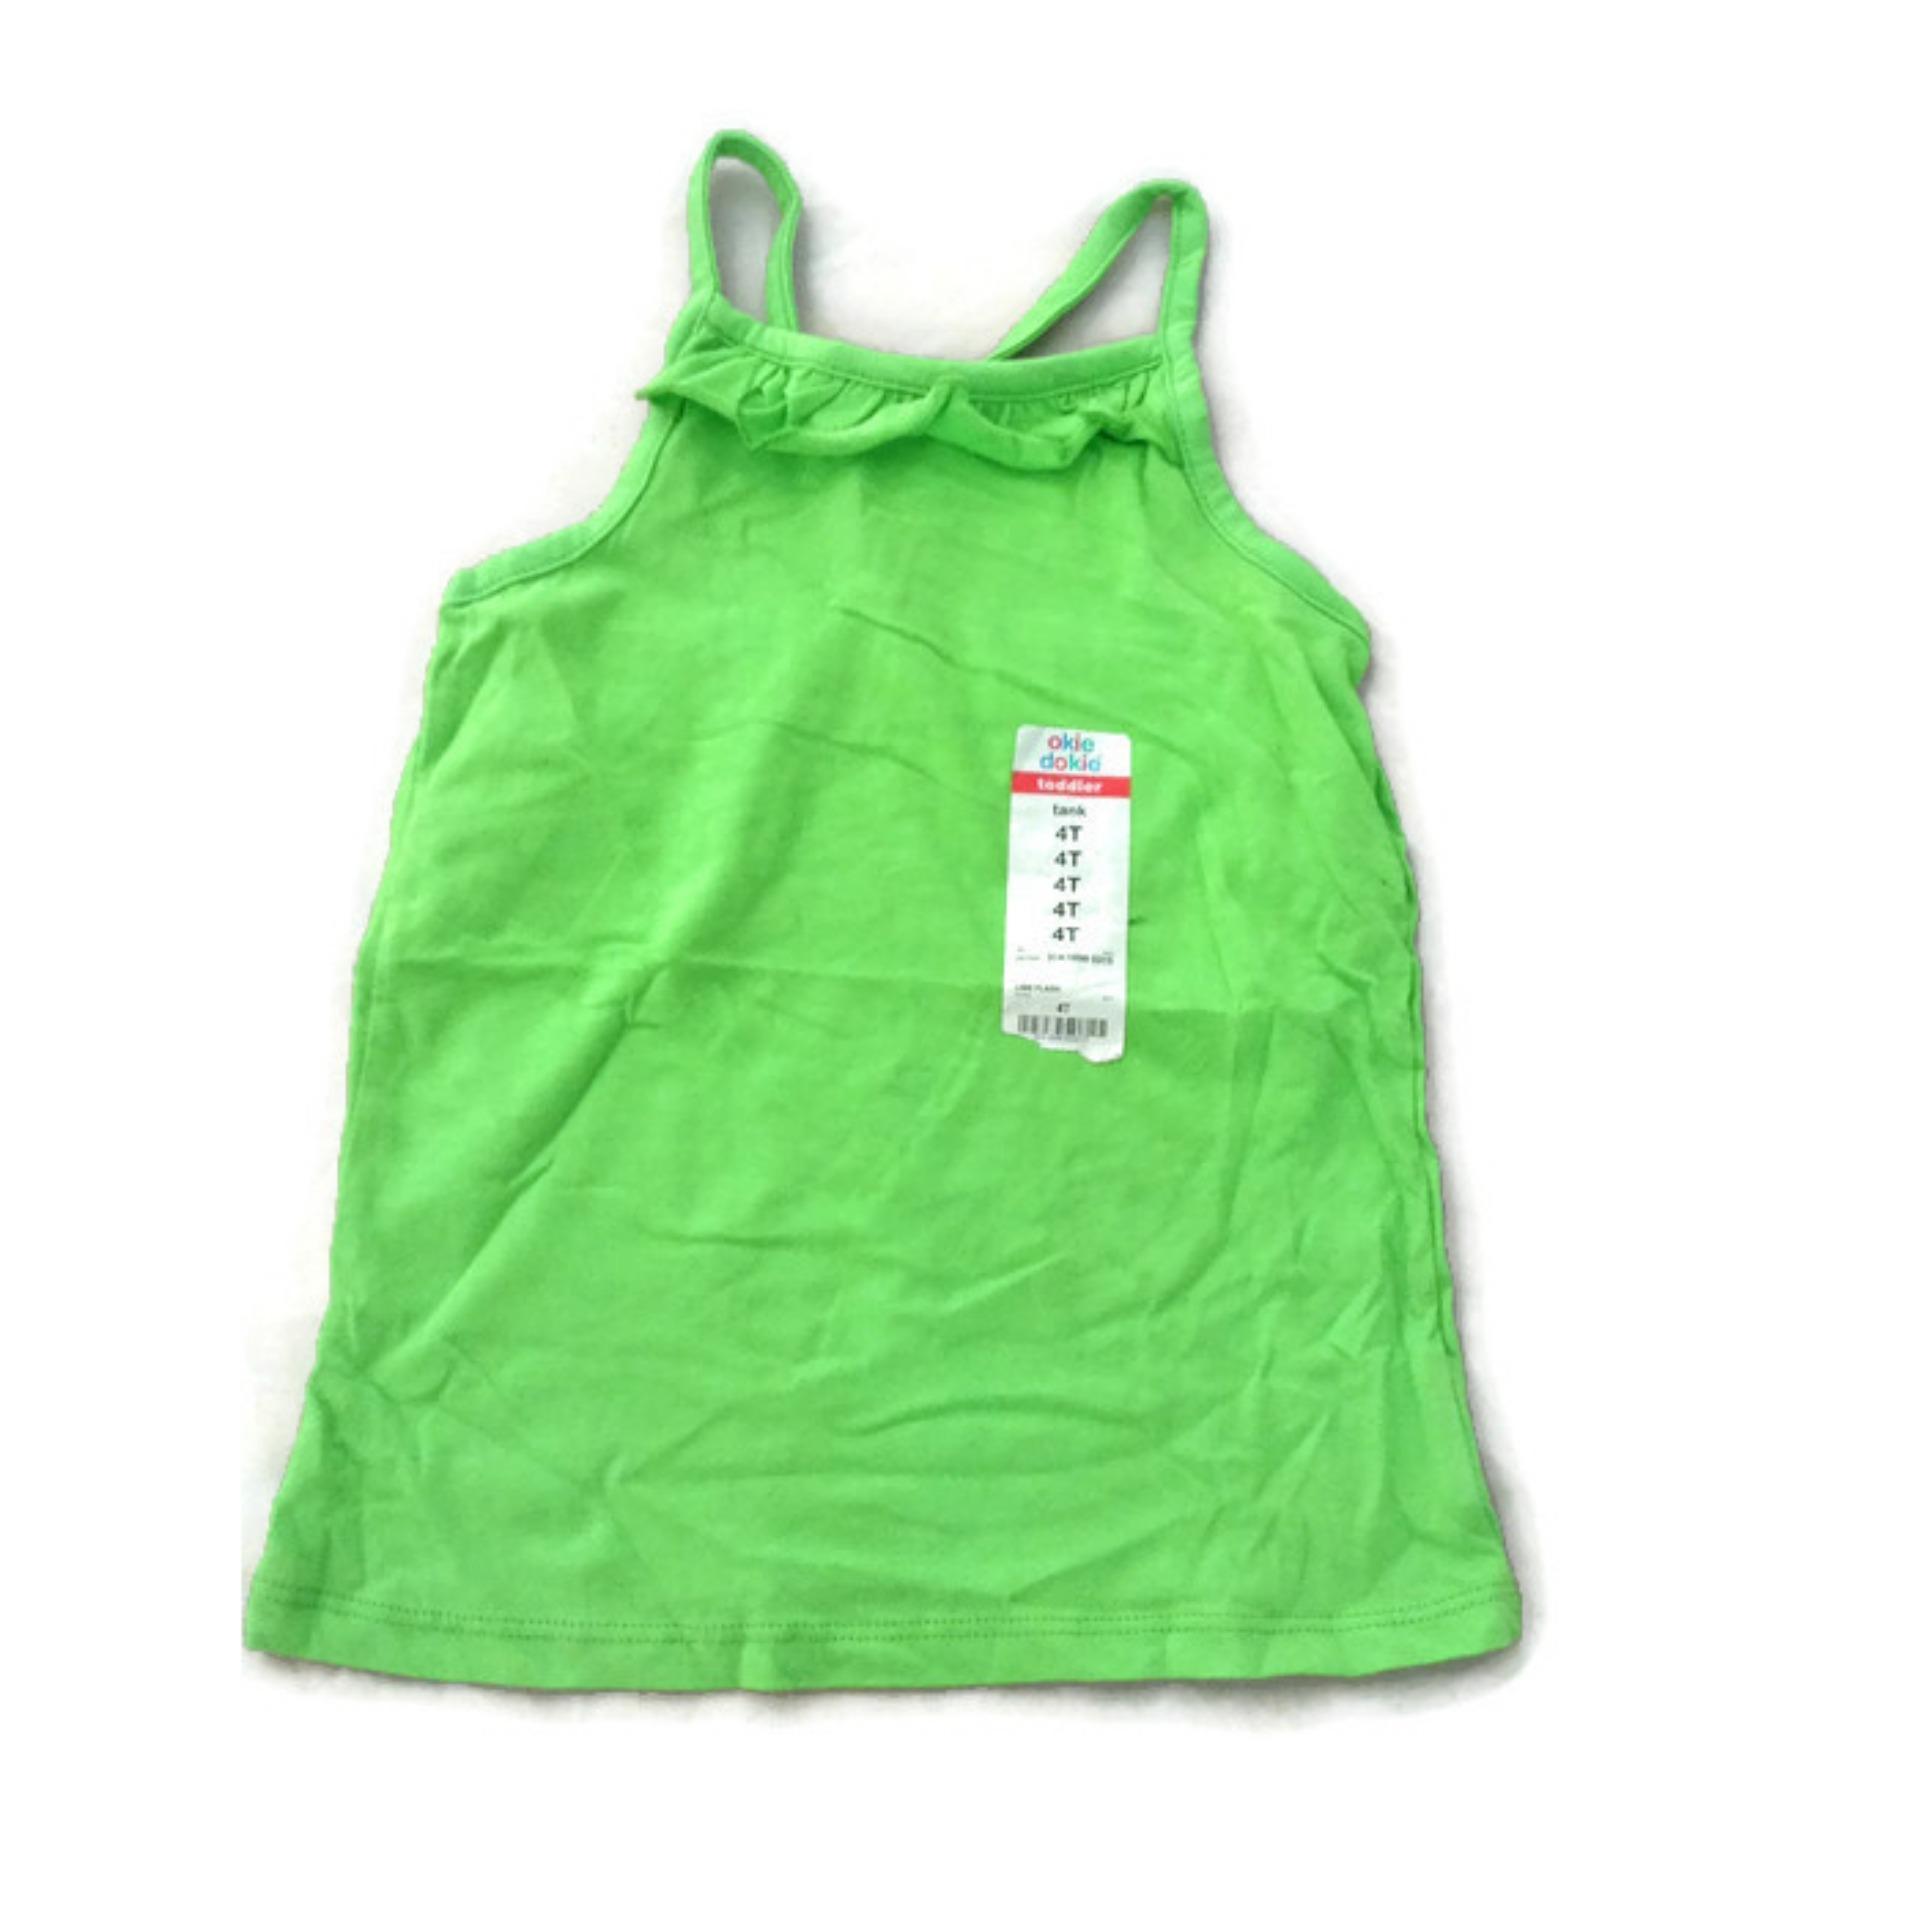 Áo Hai Dây Bé Gái Màu Xanh Hiệu Okie Dokie Size 4T